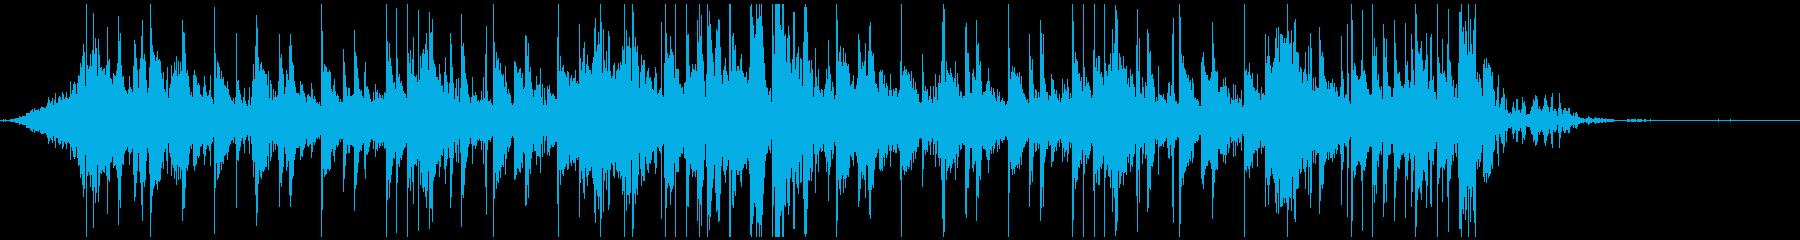 ブレイクビーツ 実験的な アクティ...の再生済みの波形